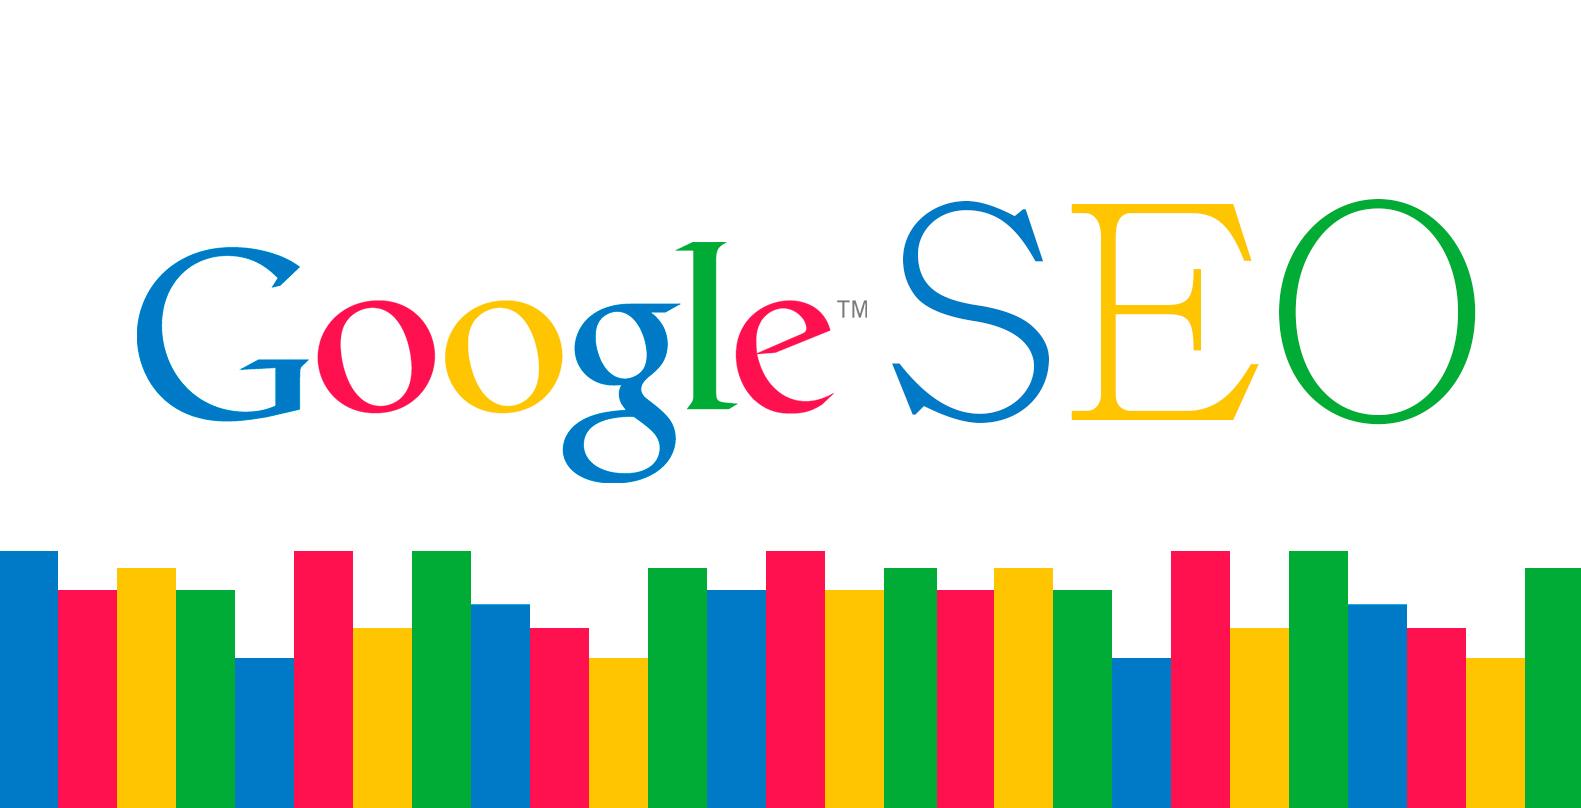 Các yếu tố để website xếp hạng trên Google cần lưu ý nhất hiện nay